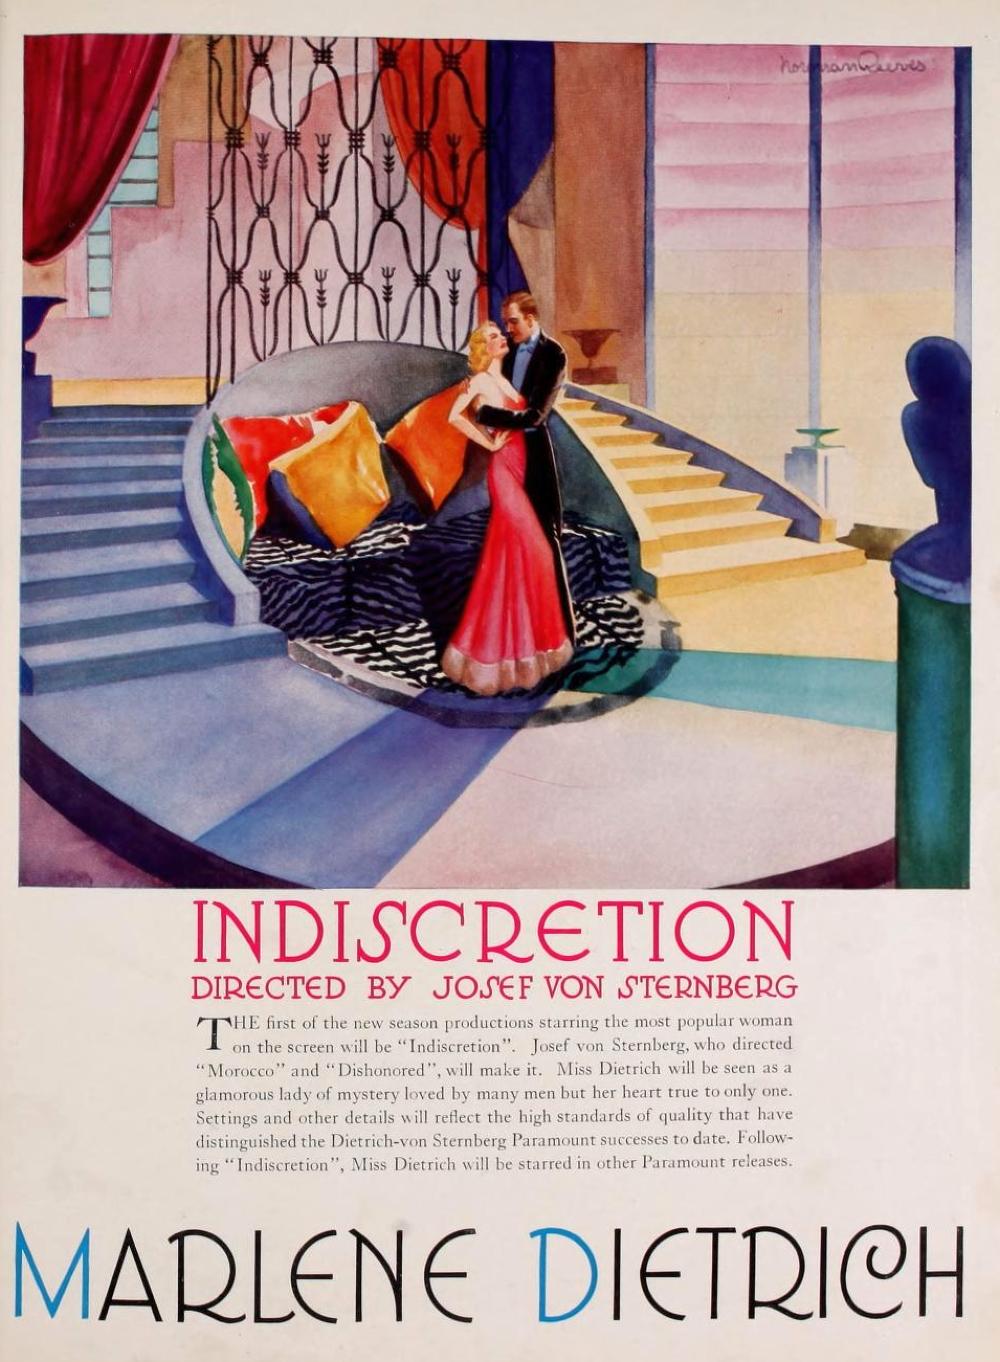 marlene dietrich 1931-32 paramount pressbook 01a